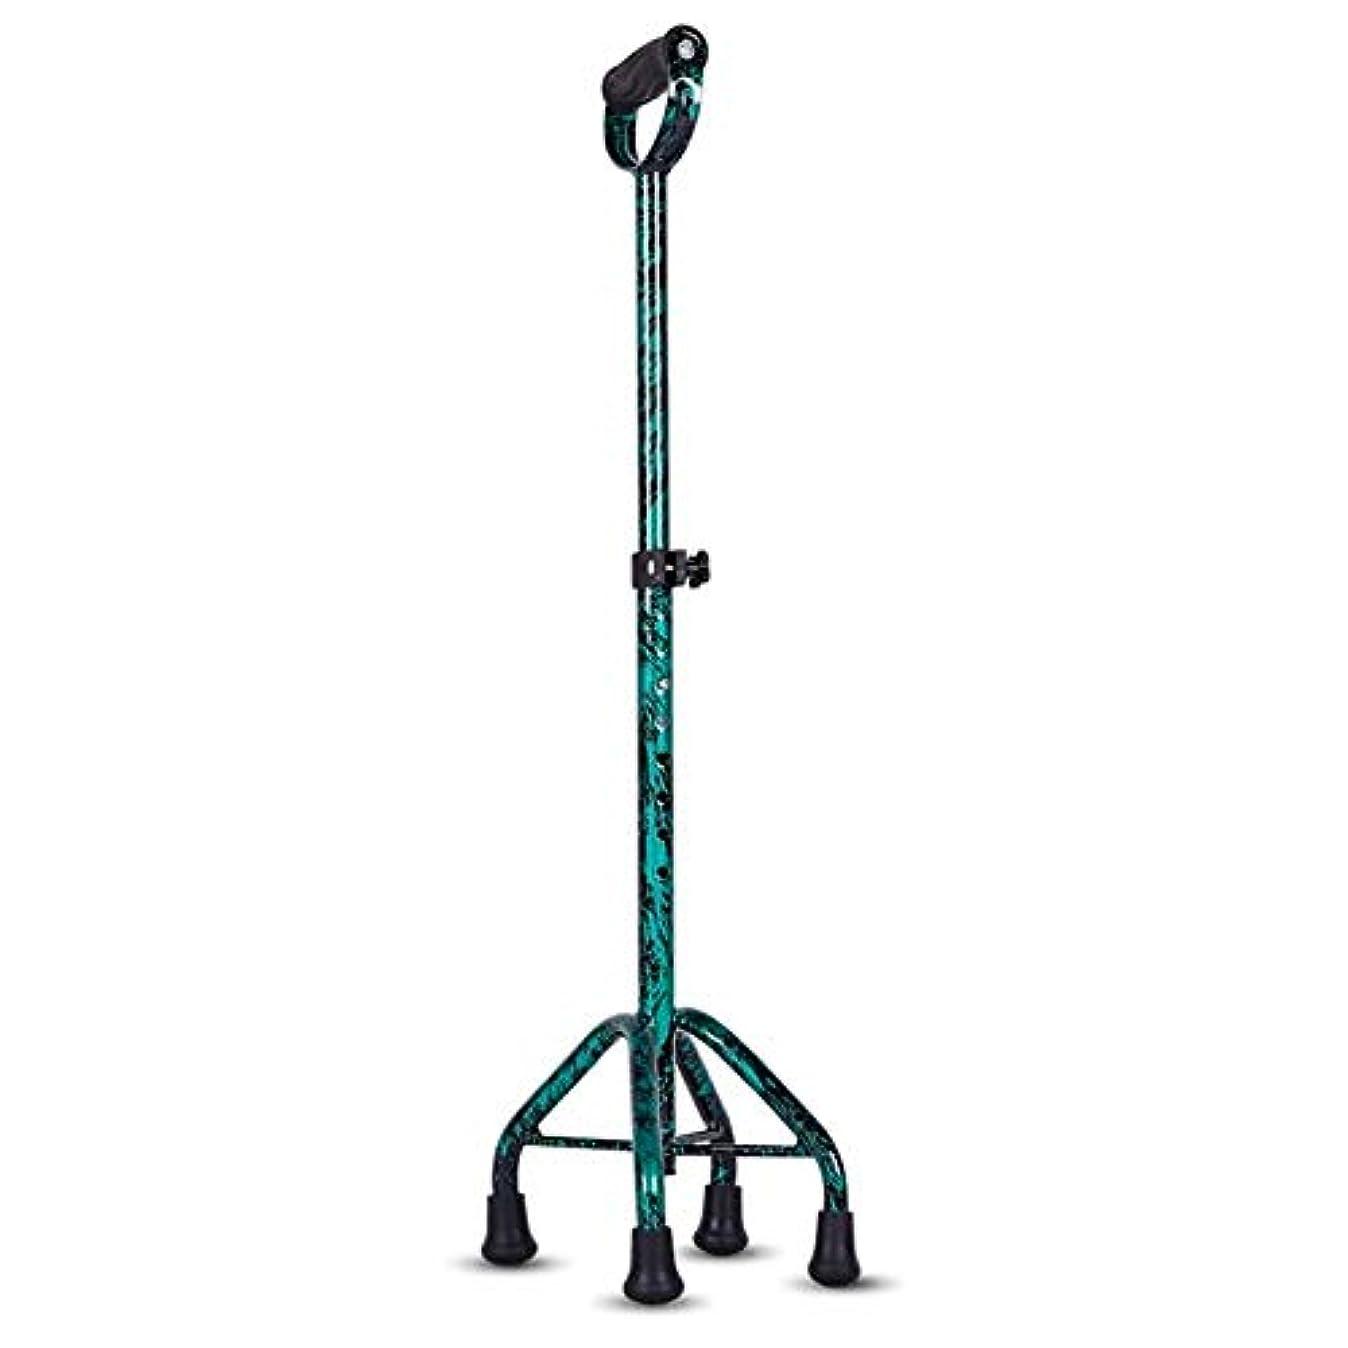 レイアシーサイド証言歩く杖 スポンジの人間工学的のハンドルが付いている杖ライト級選手、年配の人の女性のための8つの調節可能な高さのレベルは4本の足の滑り止めの基盤が付いている杖を傷つけた。 100kg (Color : 緑)